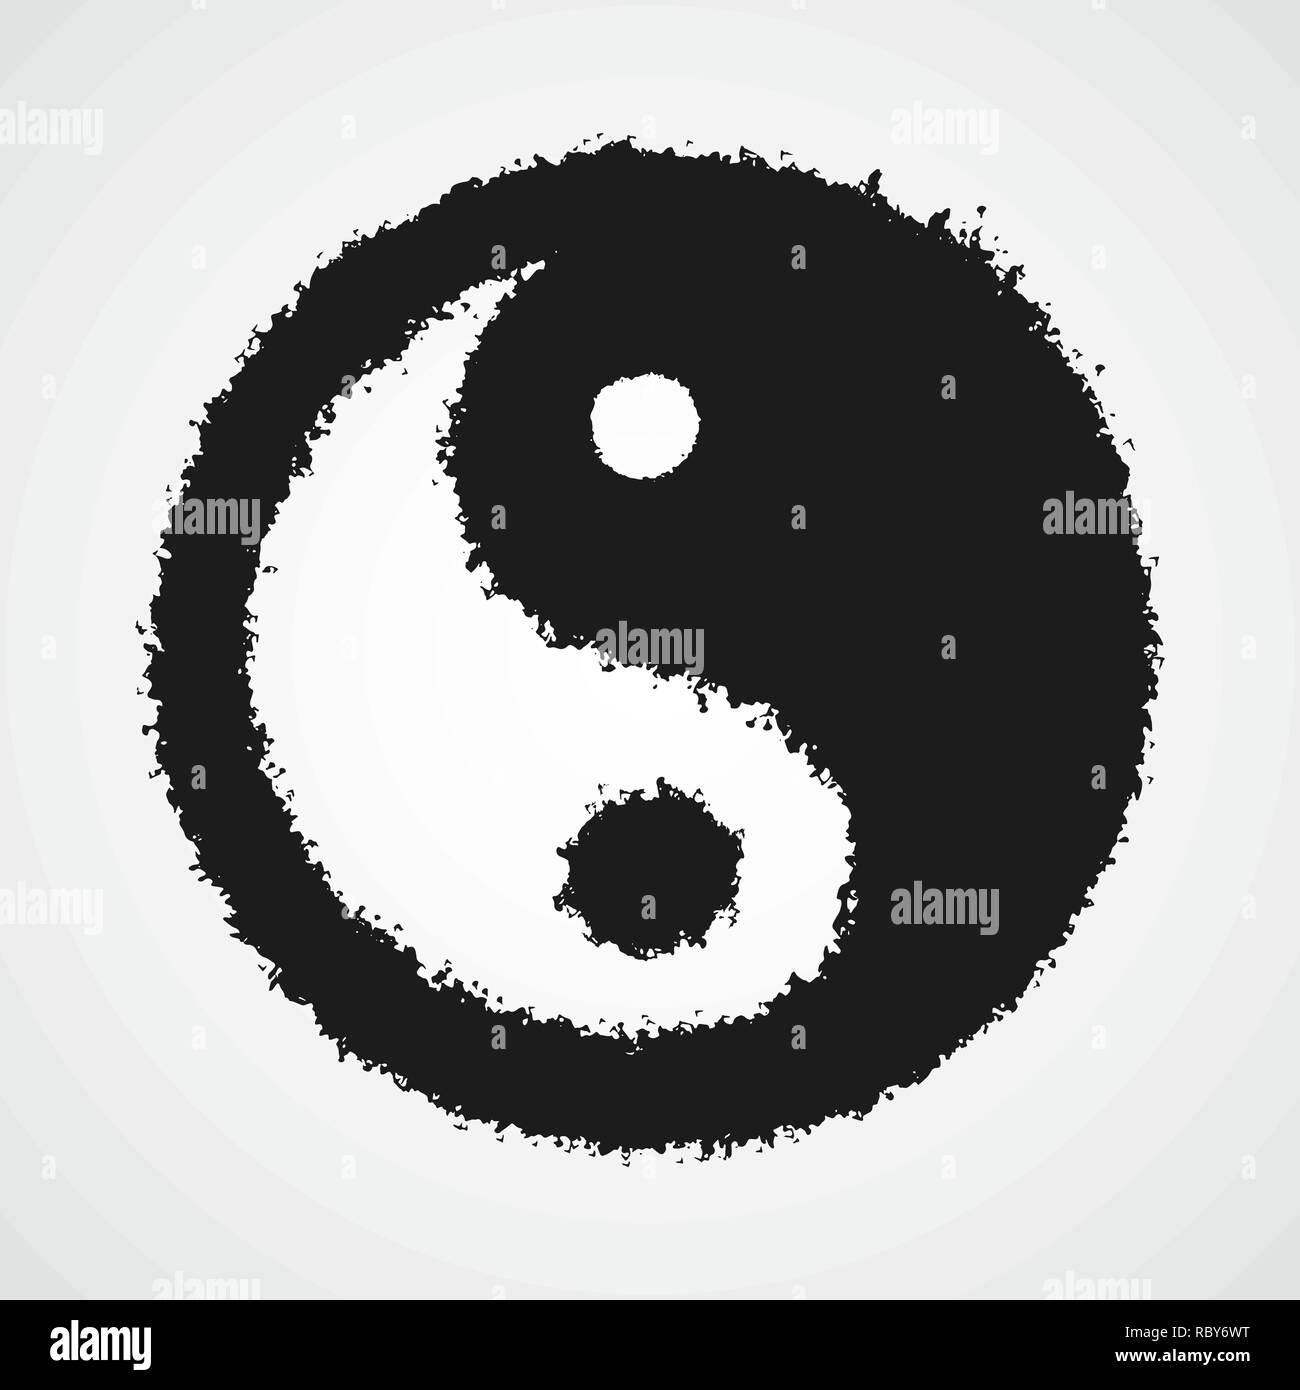 Dibujo Negro Del Símbolo Yin Yang En El Doodle Estilo Ilustración